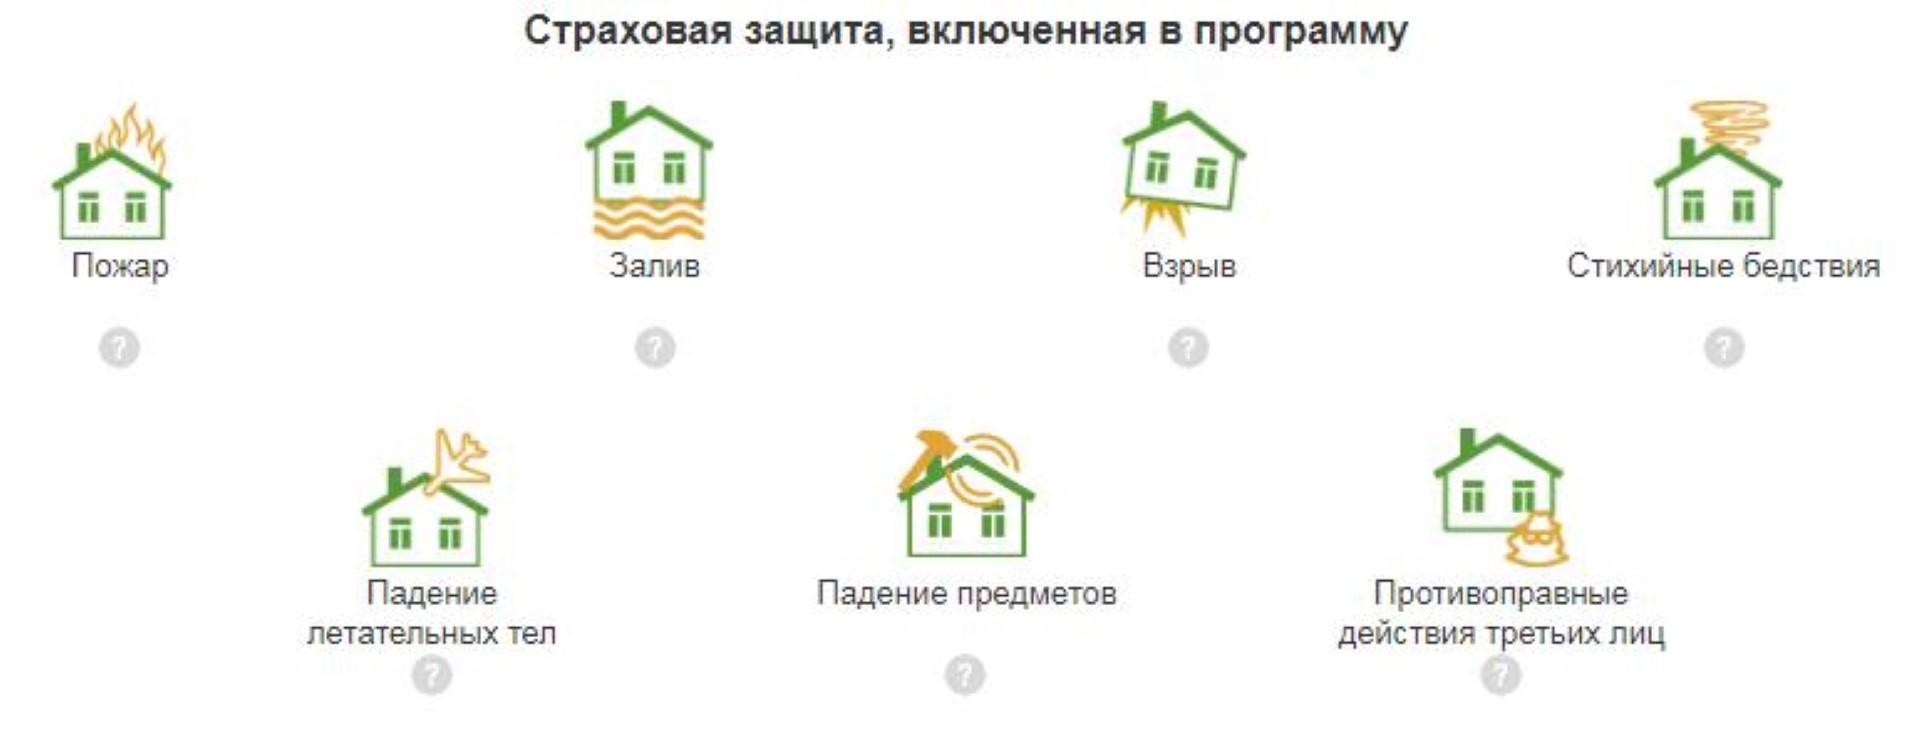 От чеВиды страхования при ипотеке в Сбербанкего страхуется получатель ипотеки в Сбербанке